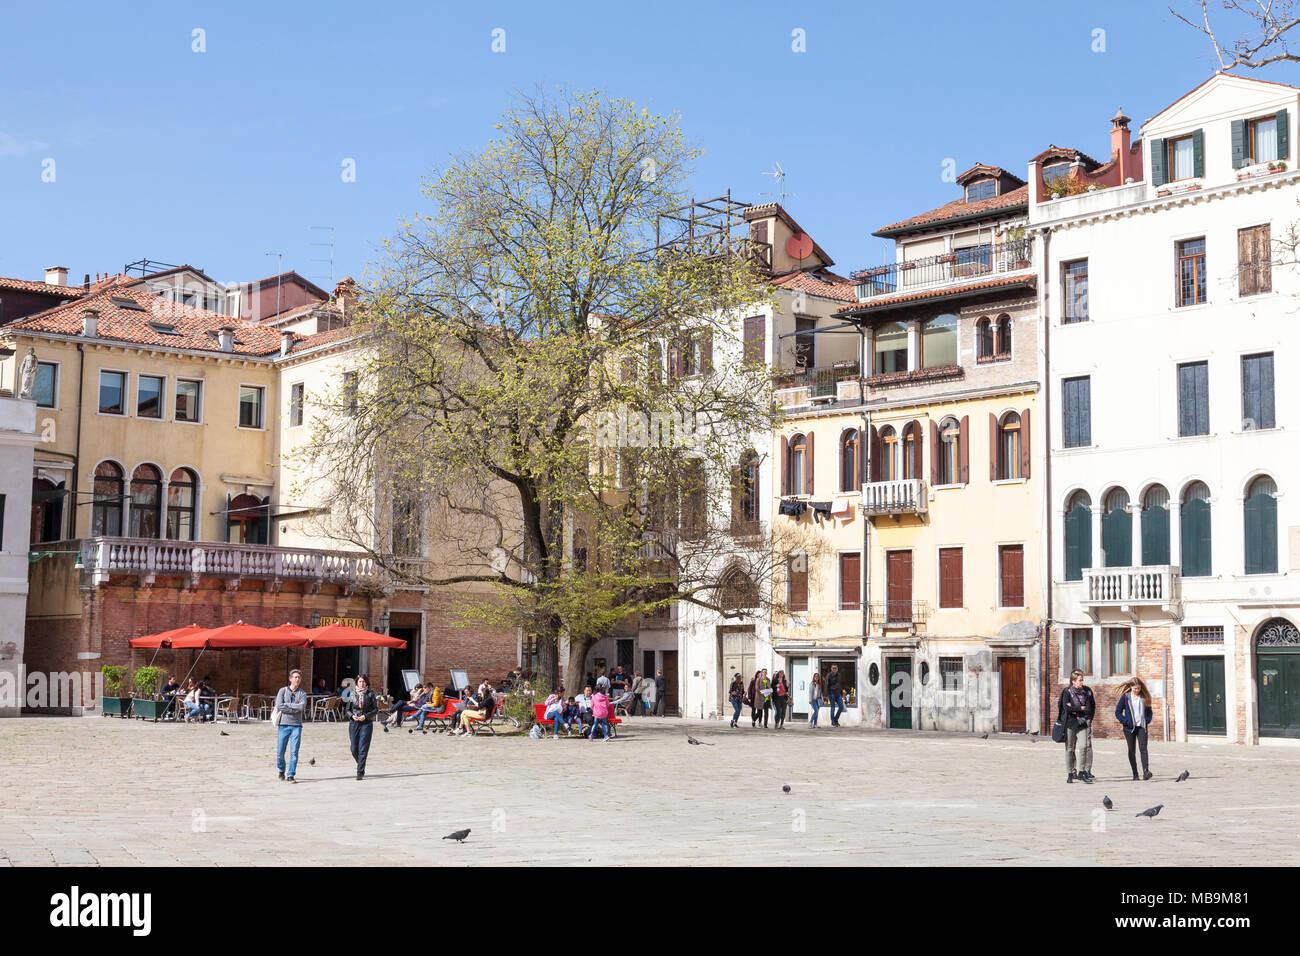 Campo San Polo, San Polo, Venezia, Veneto, Italia in primavera con i locali veneziani andando sulla vita quotidiana rilassante sotto il sole Immagini Stock